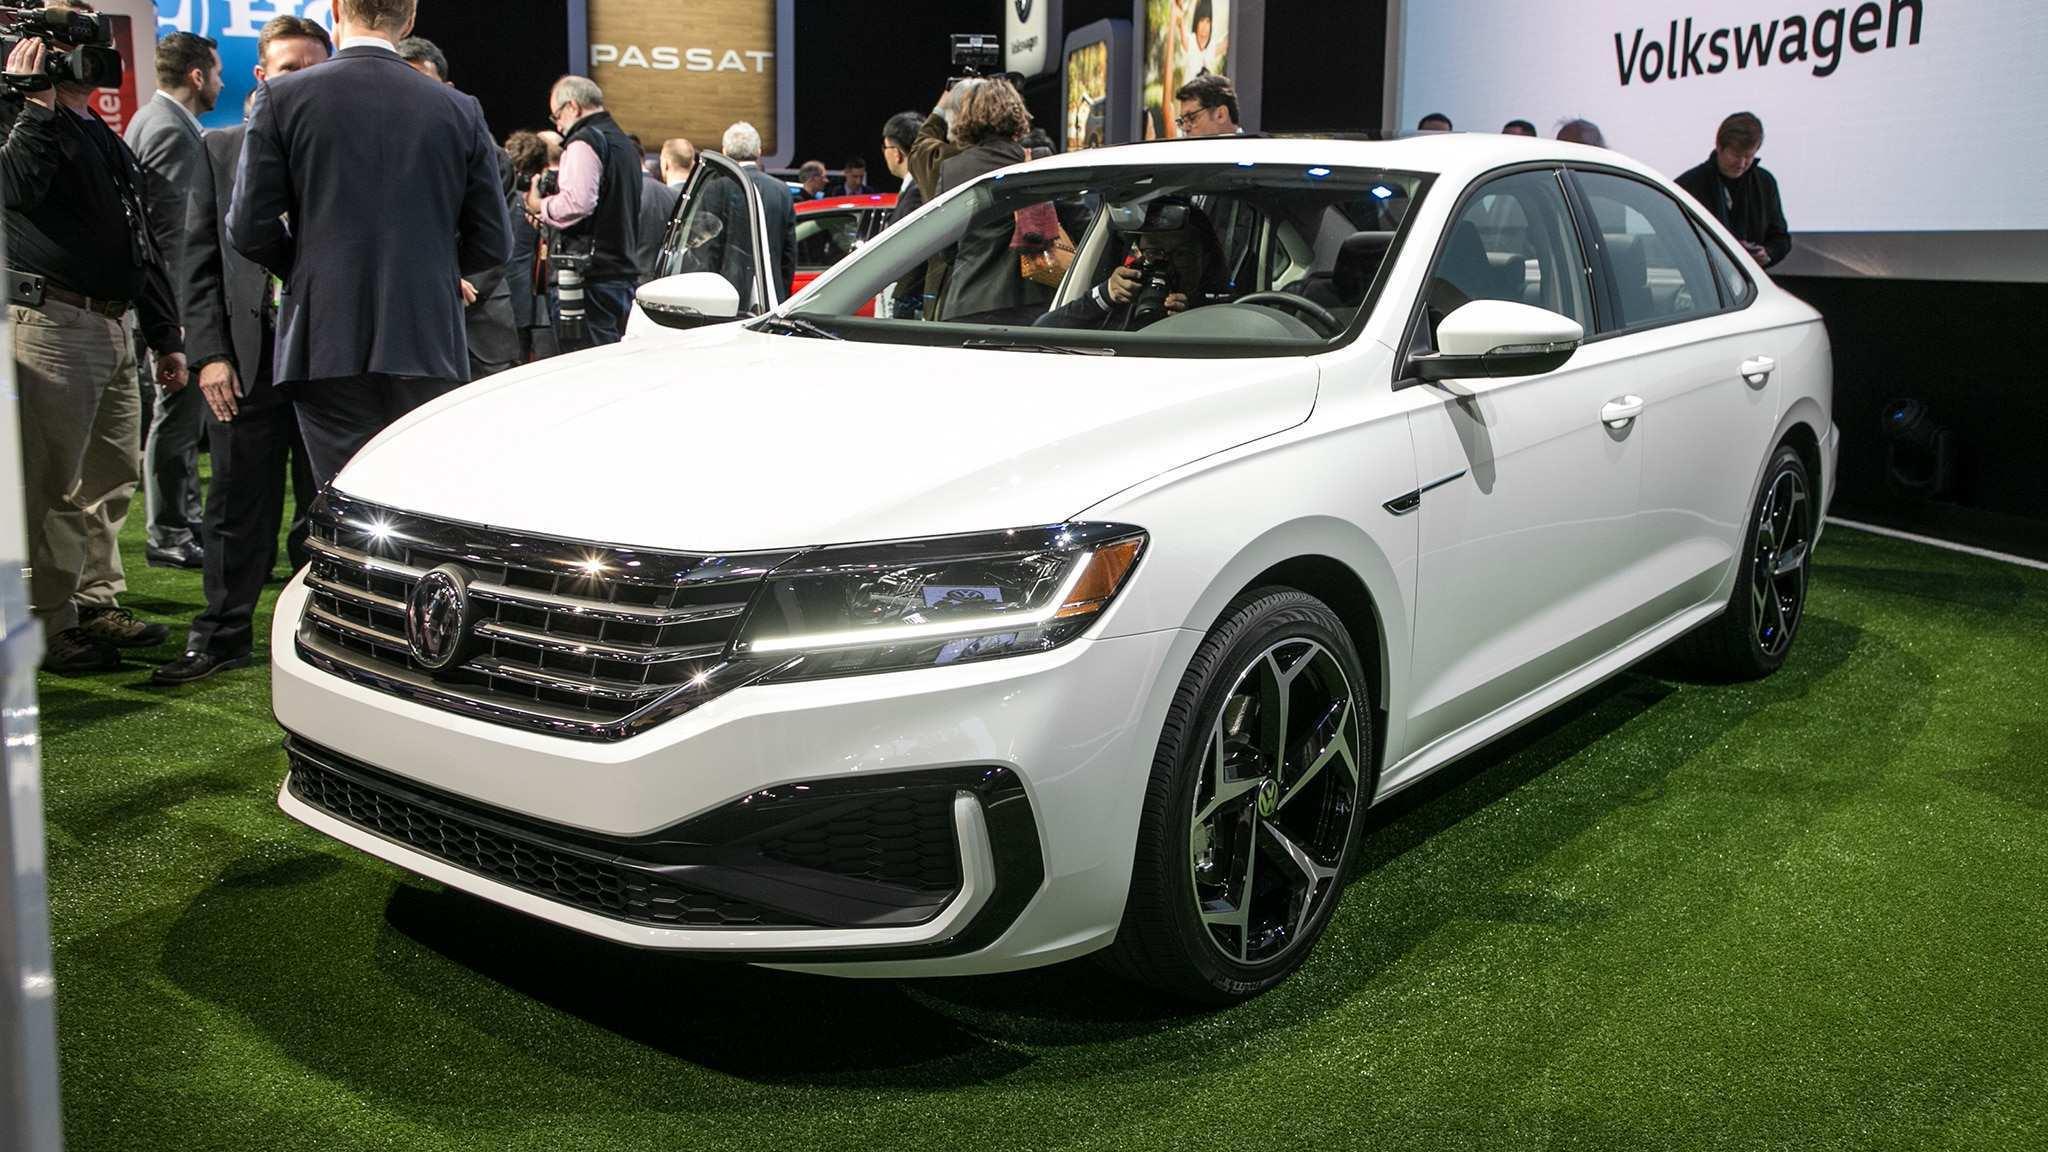 84 Great 2020 Volkswagen CC New Review for 2020 Volkswagen CC